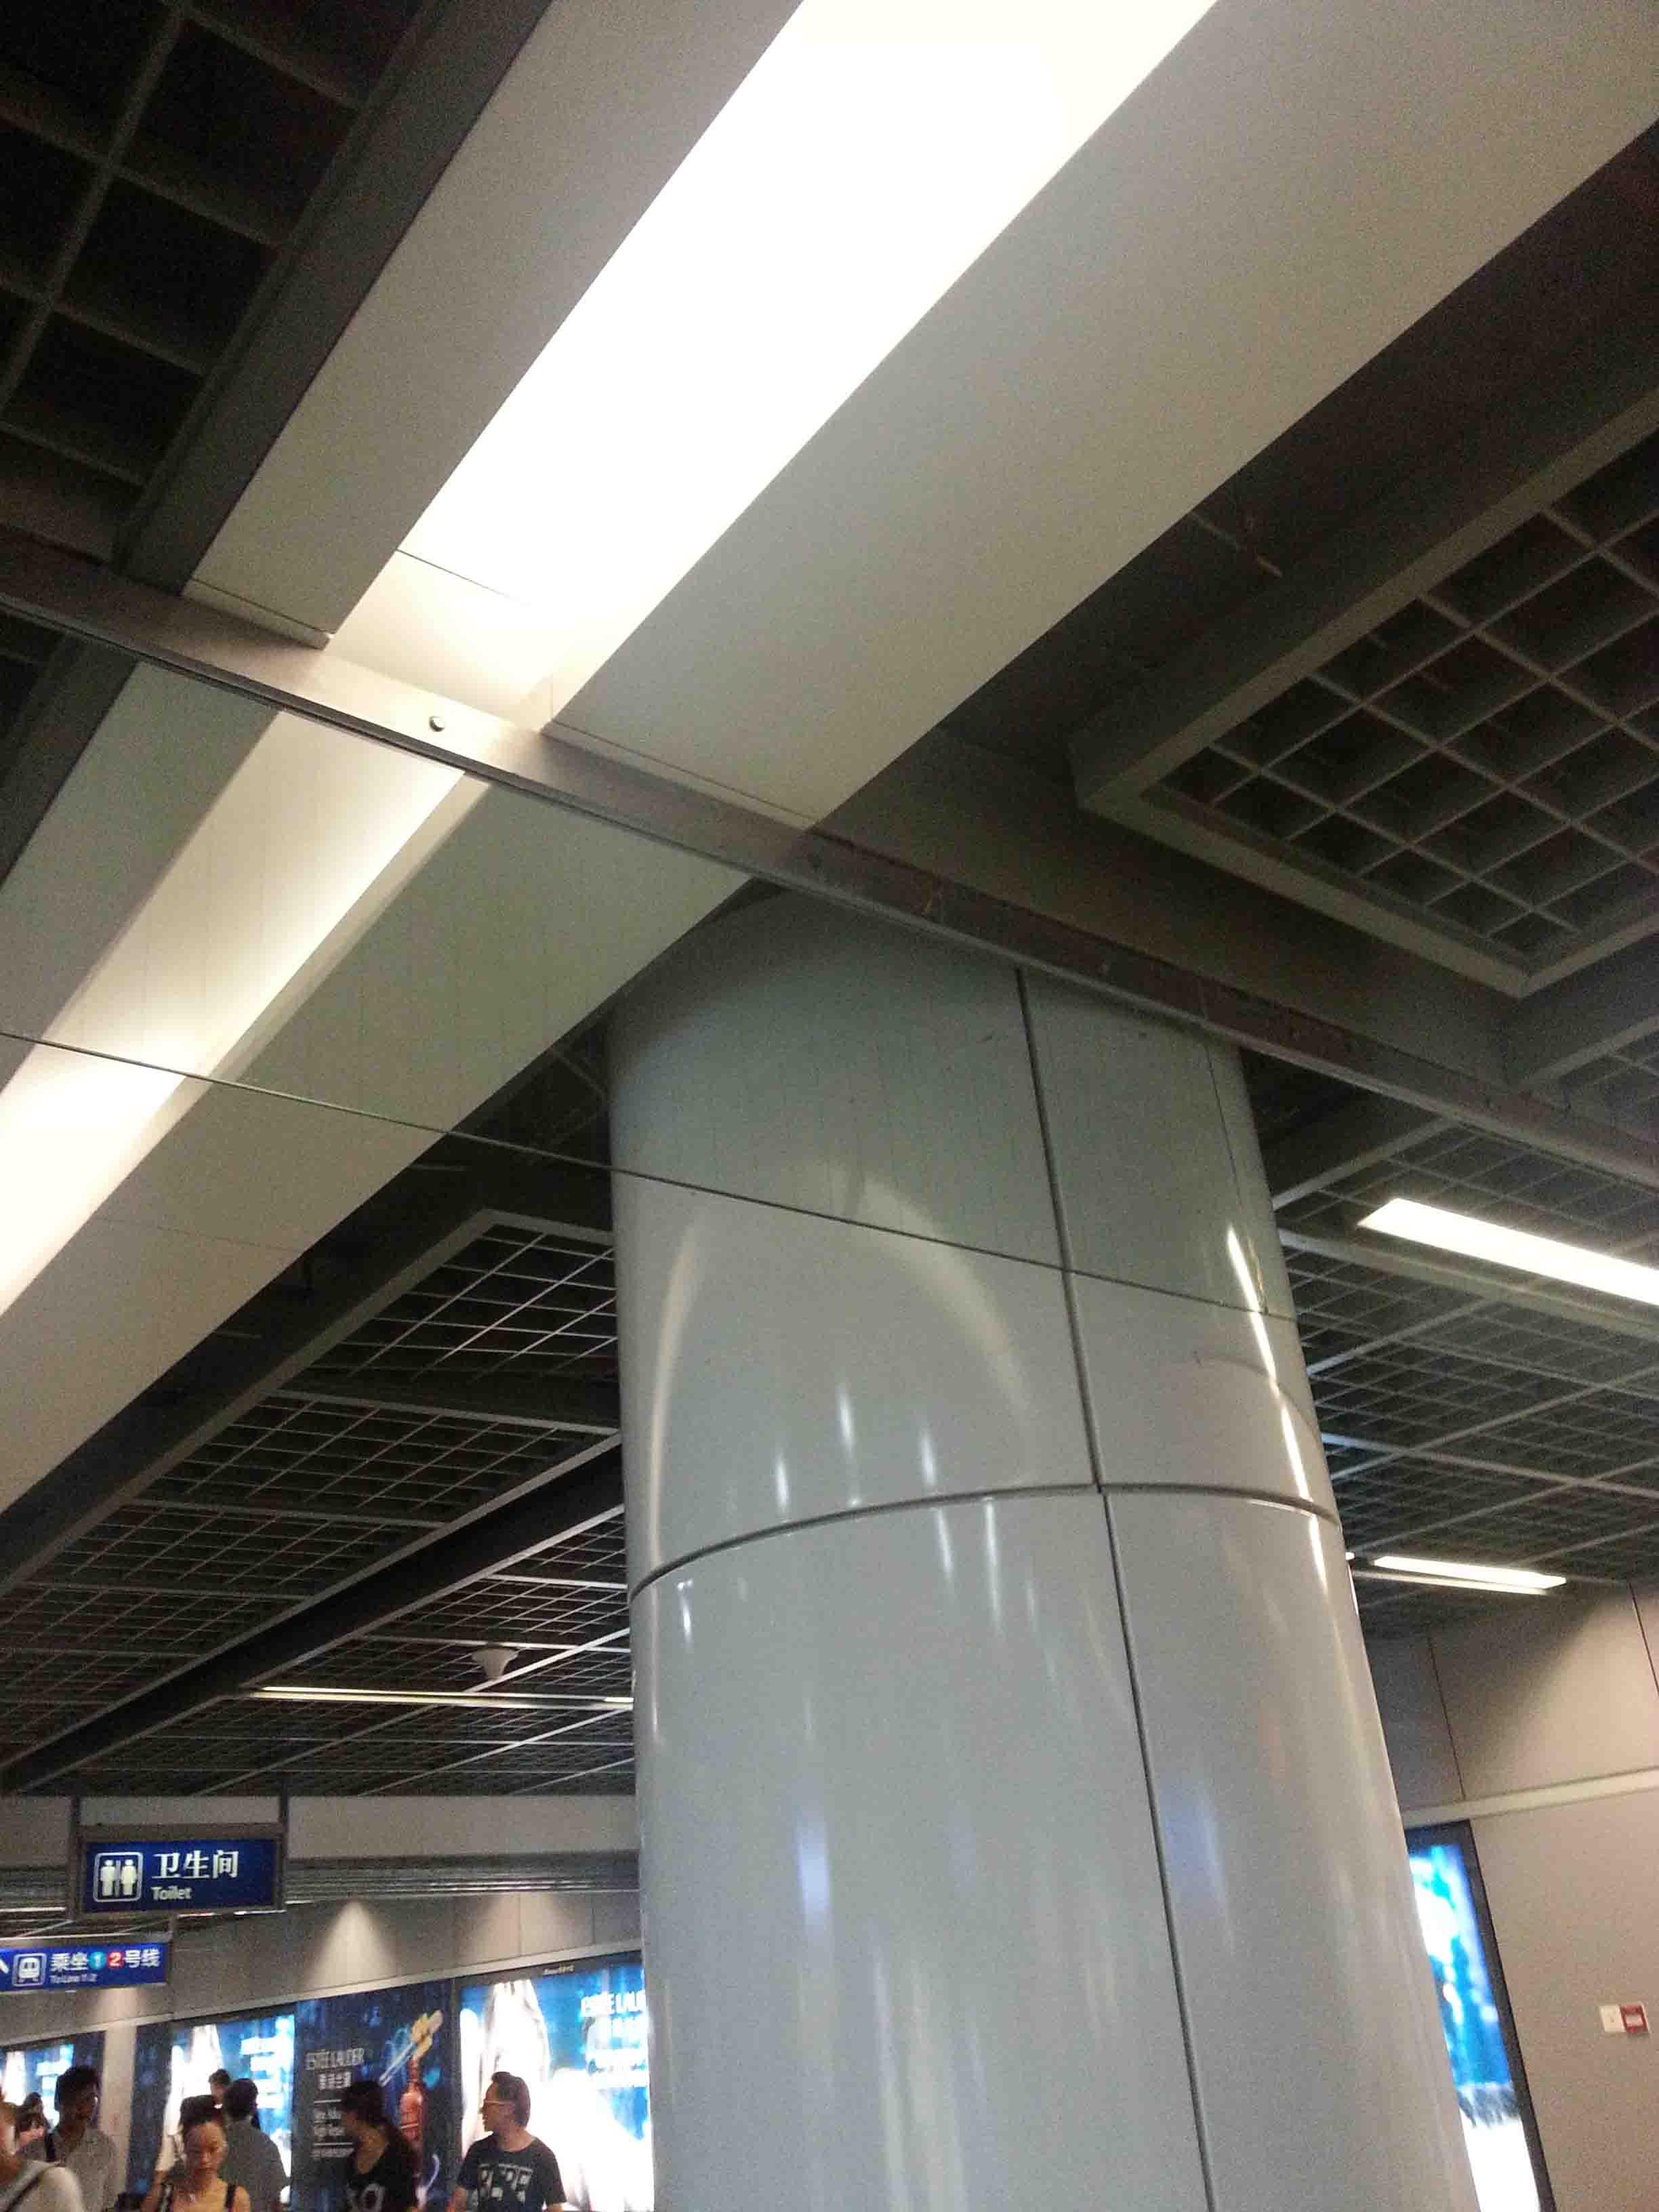 供应浙江质量好的单片防火玻璃型挡烟垂壁-夹丝夹胶玻璃